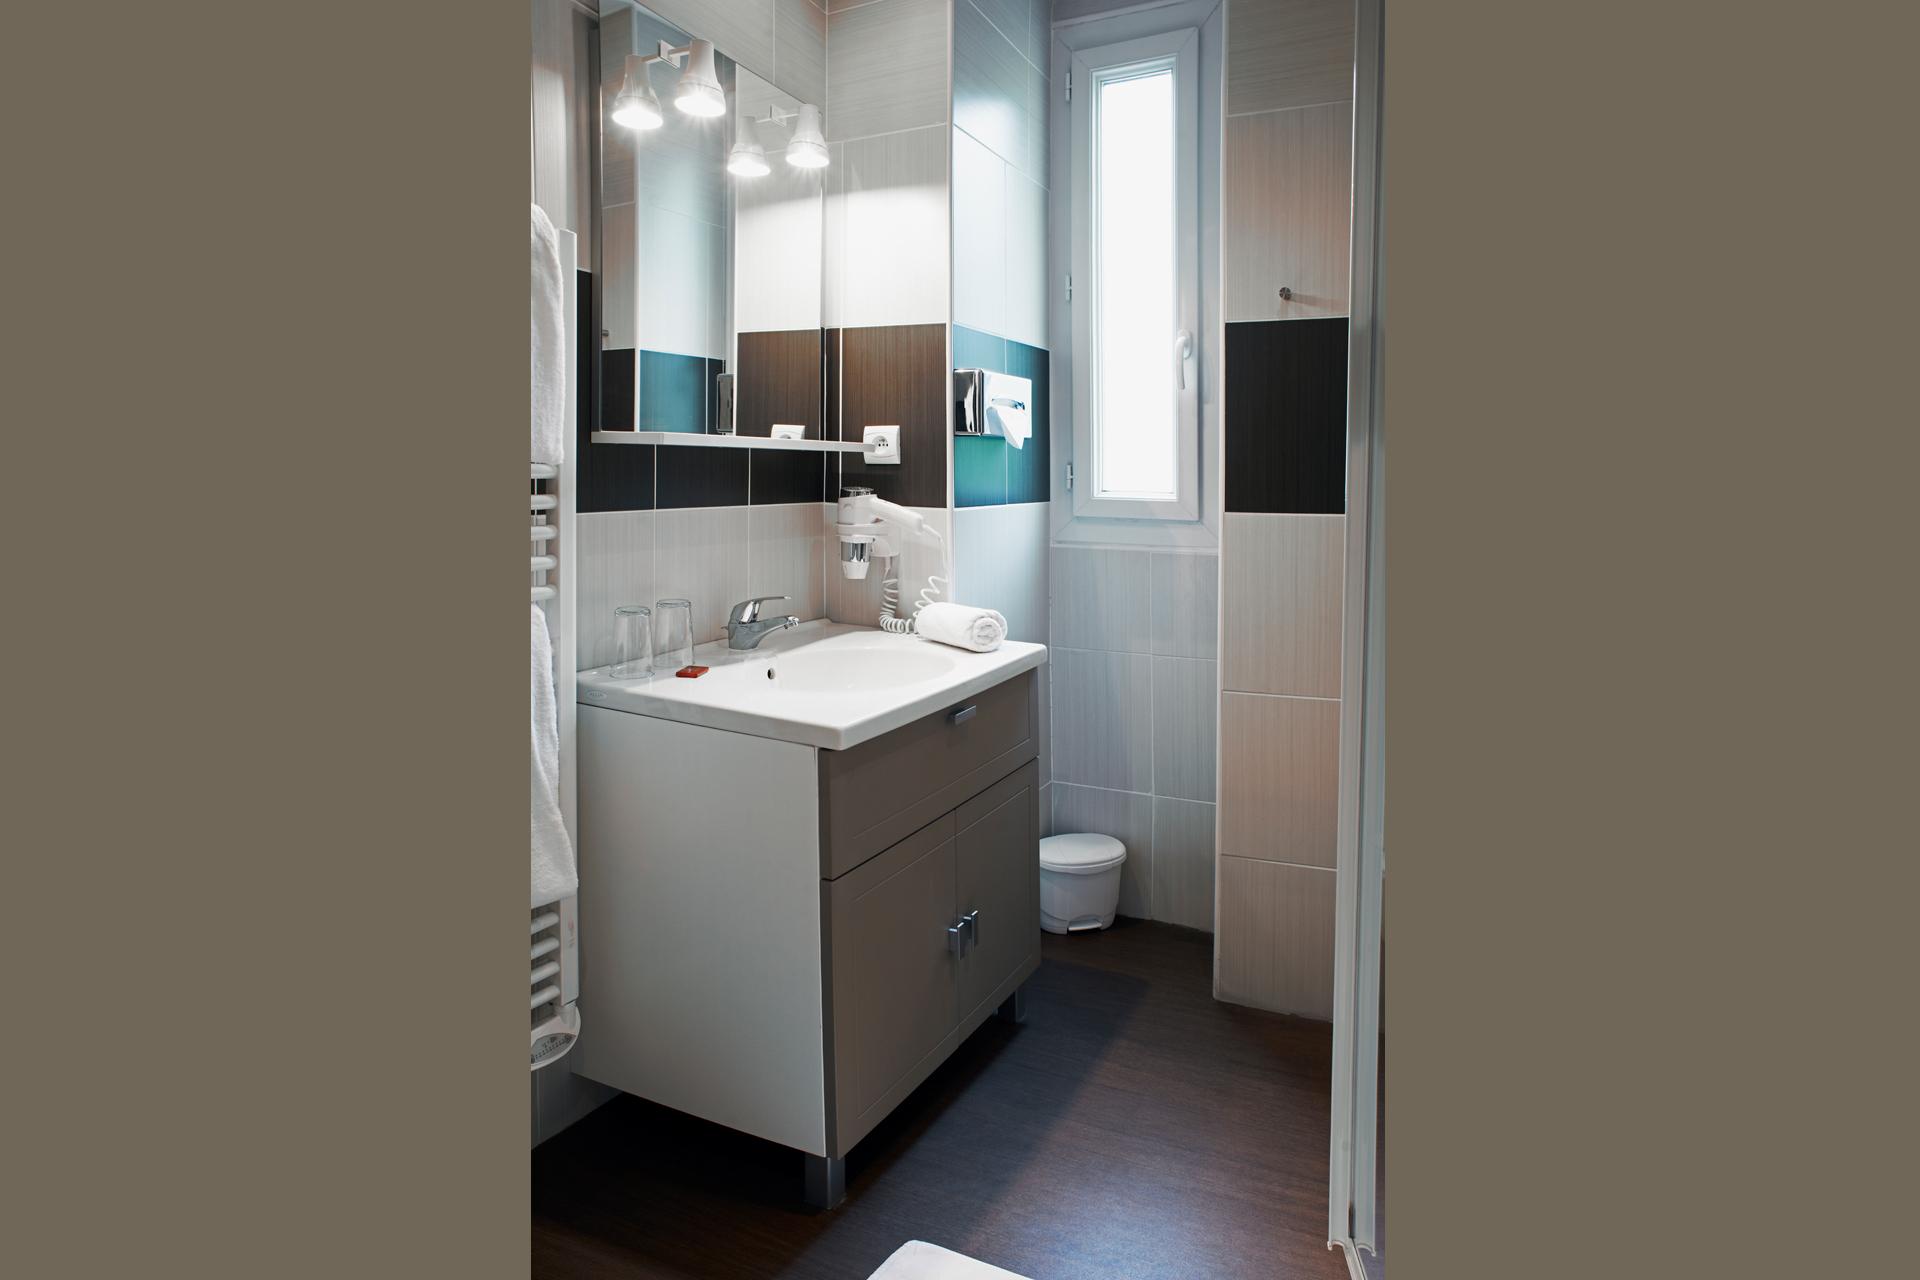 Chambres site officiel savoy h tel brides les bains for Chambre quadruple